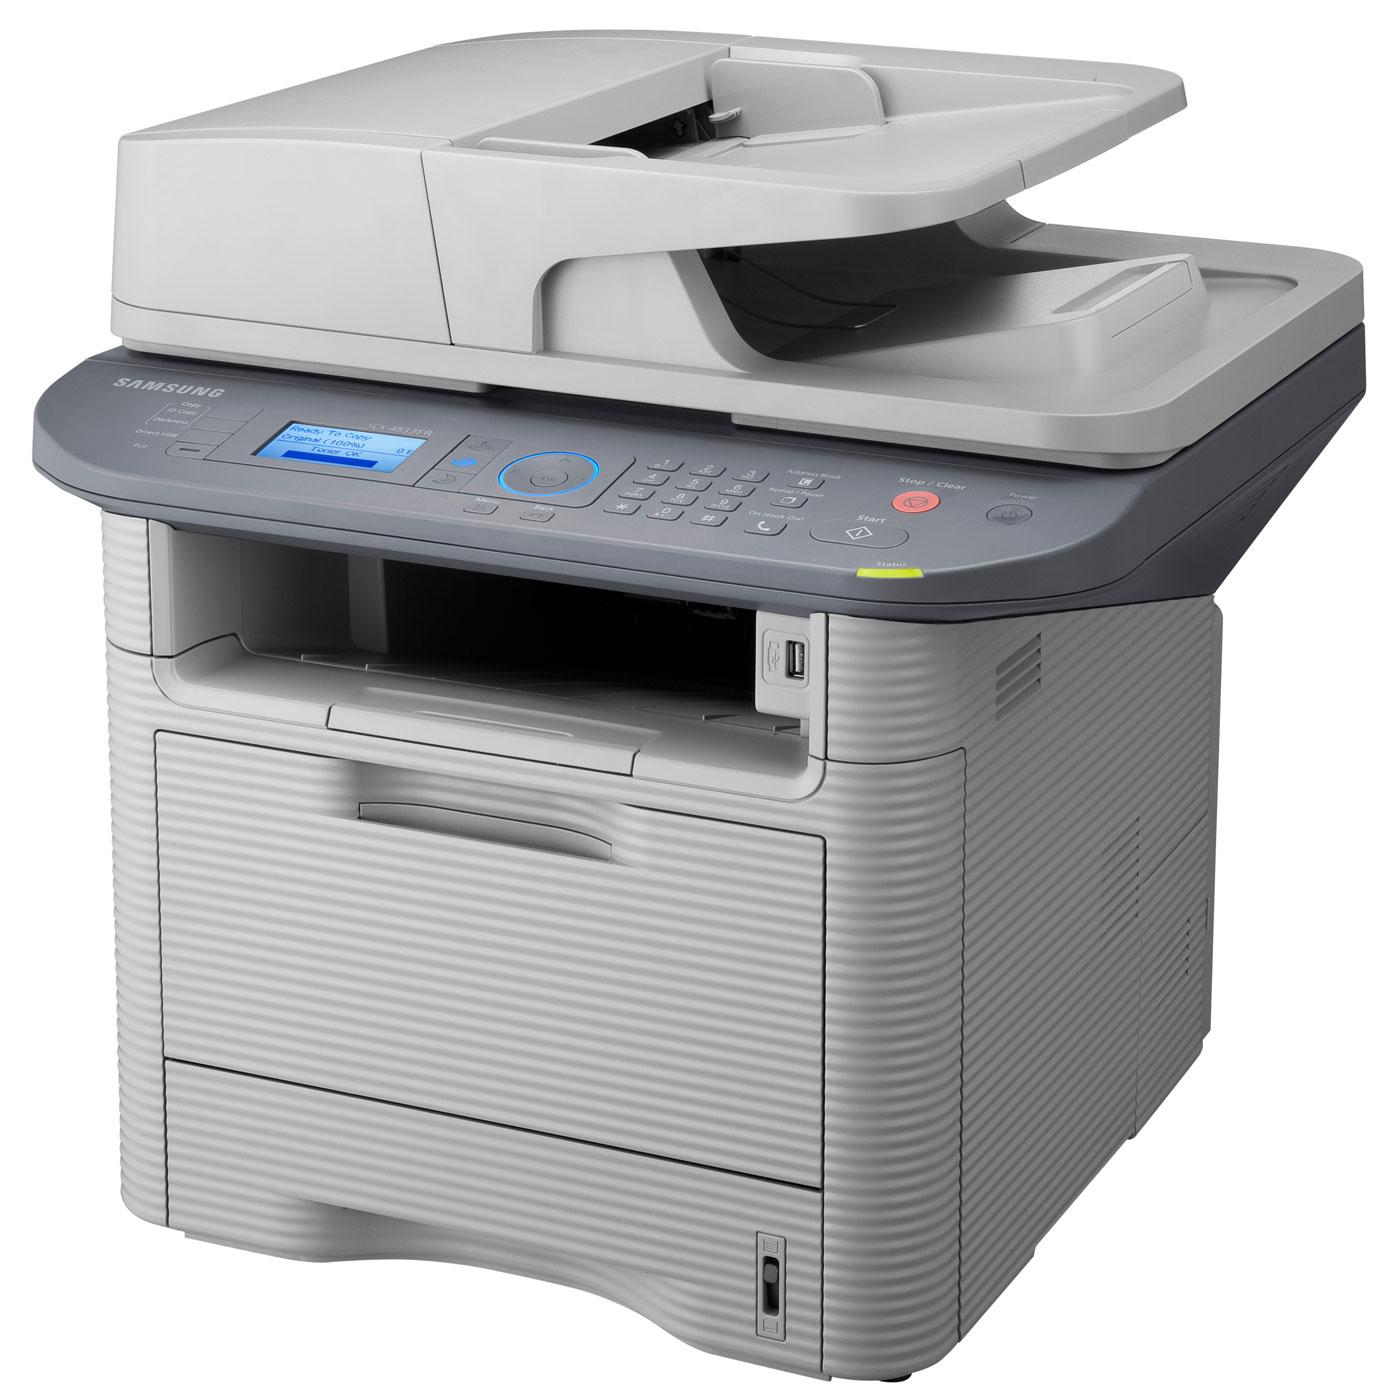 Скачать драйвер для принтера samsung scx 4833fr